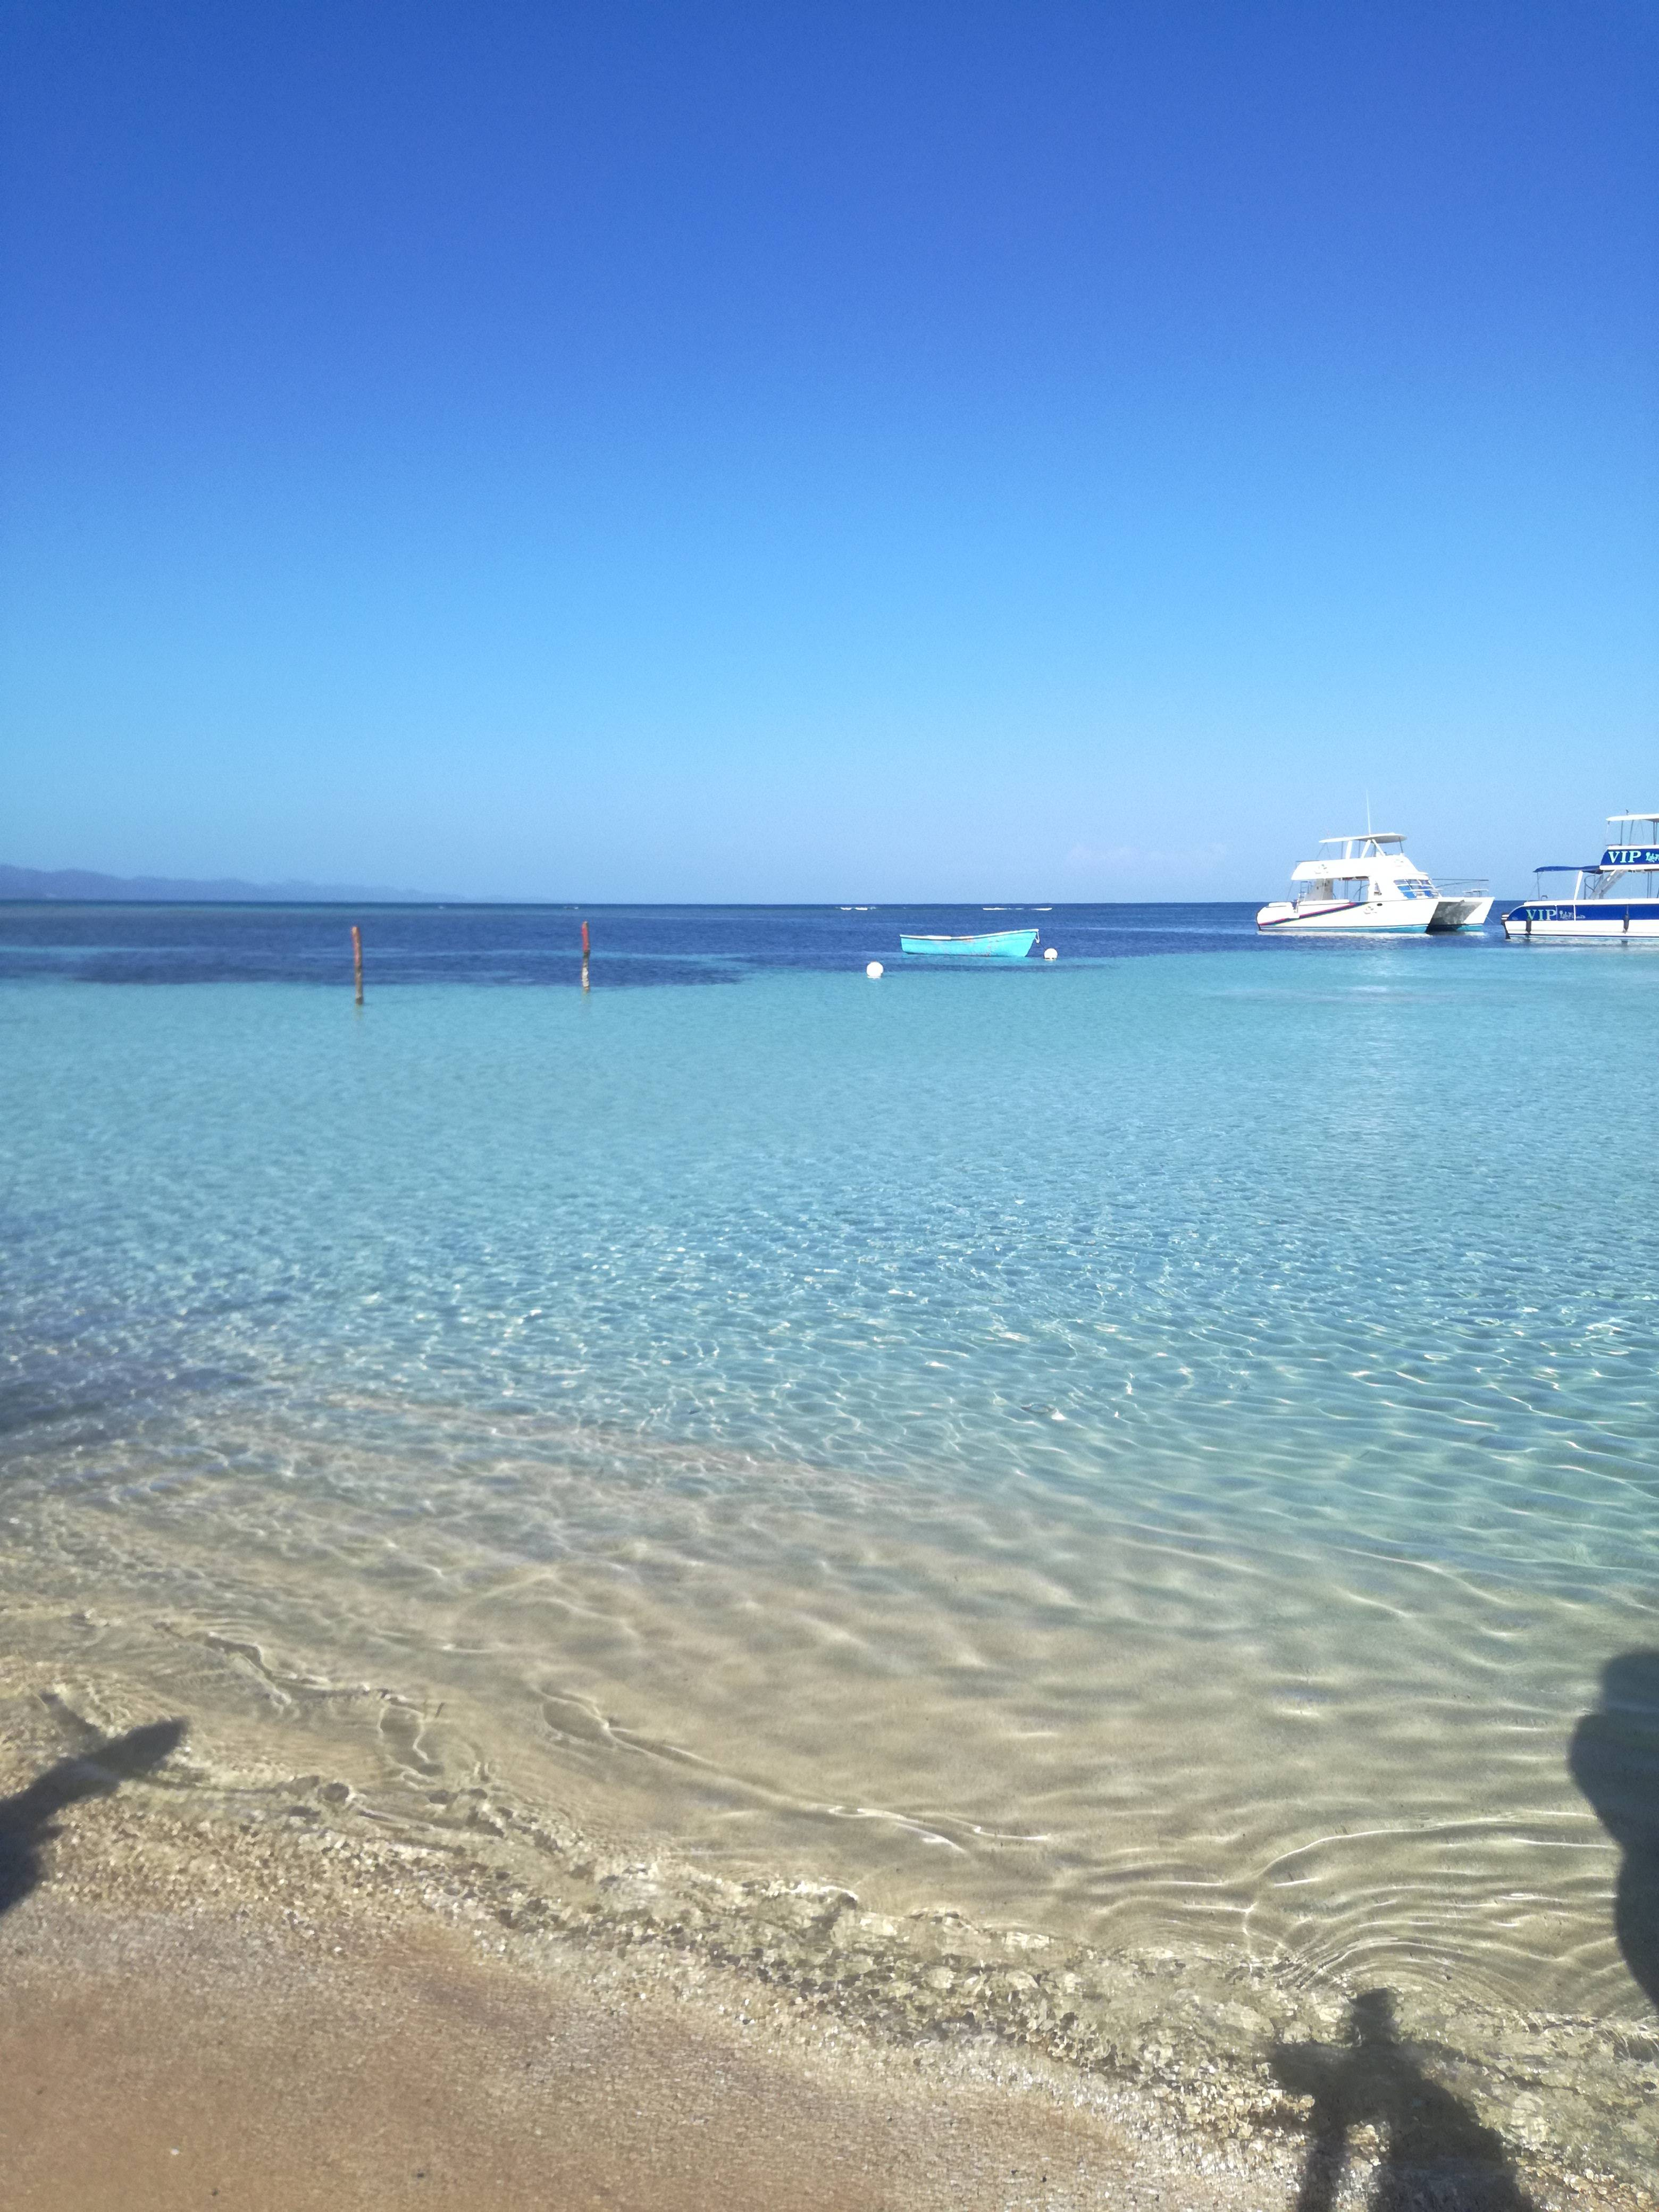 Photo 1: Ile paradise - Punta Rucia